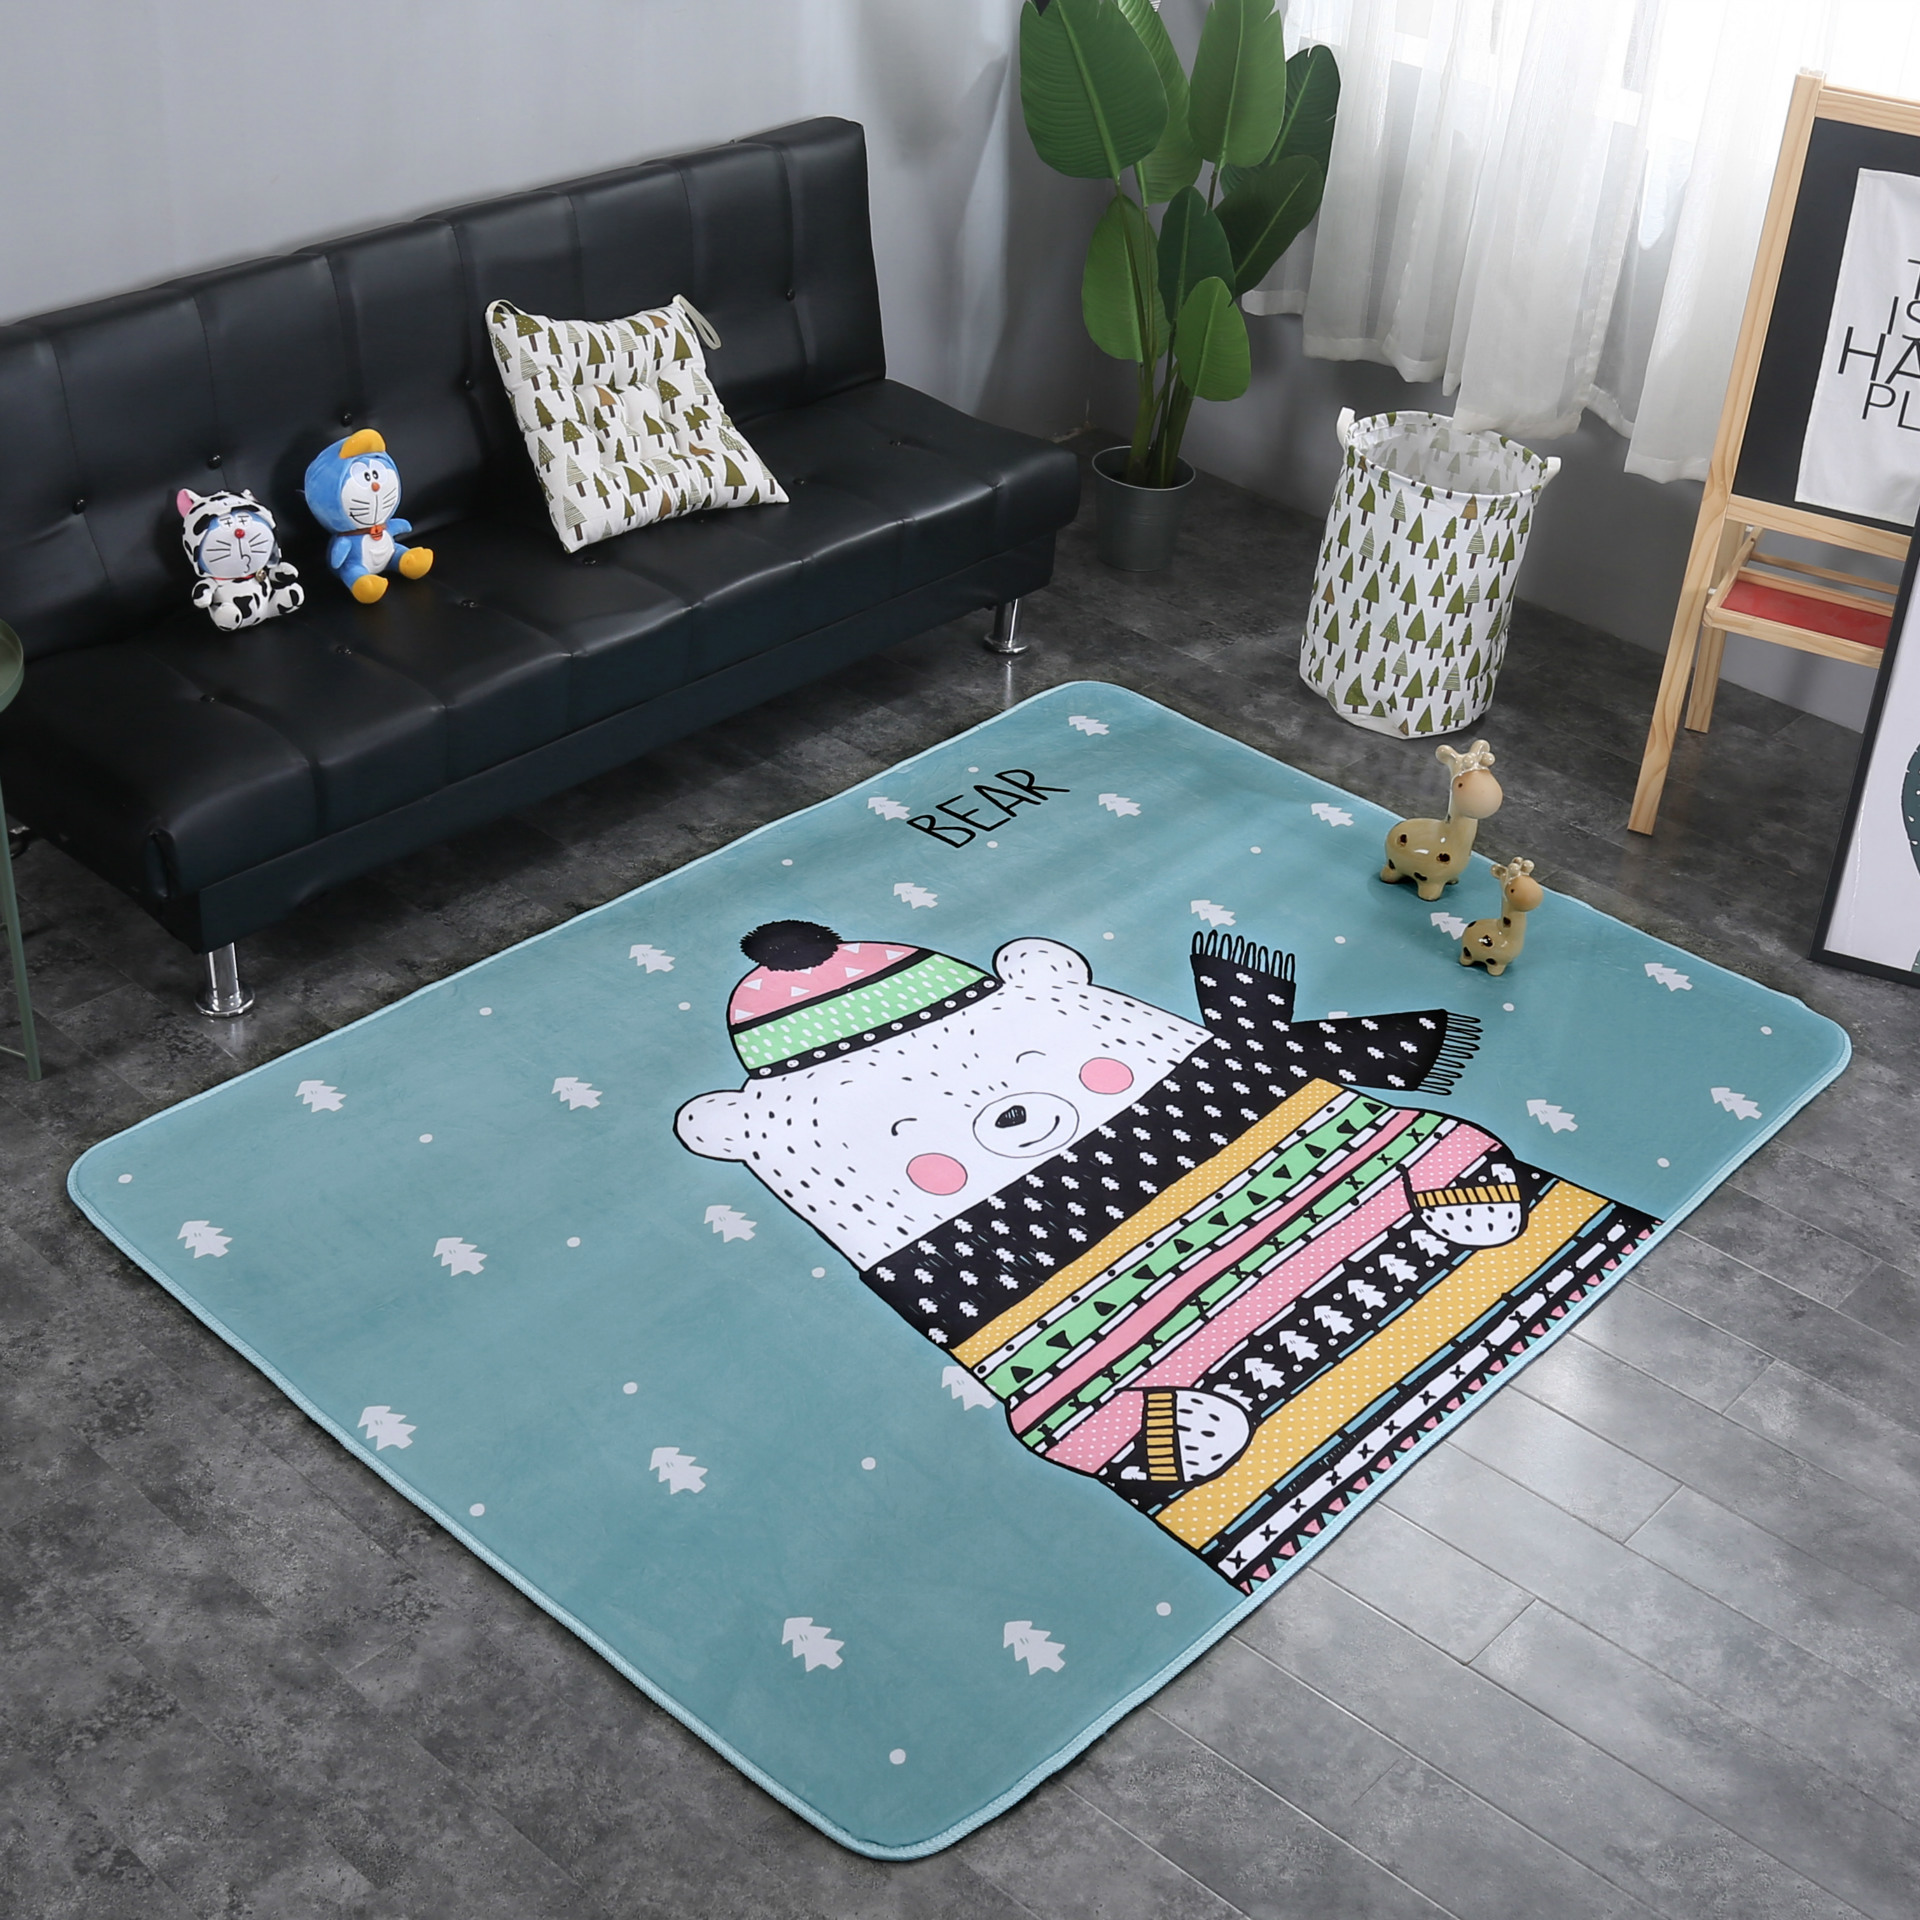 Nordique nouveau dessin animé mode tapis salon chambre tapis décoratif yoga pique-nique enfants escalade tapis antidérapant imperméable tapis